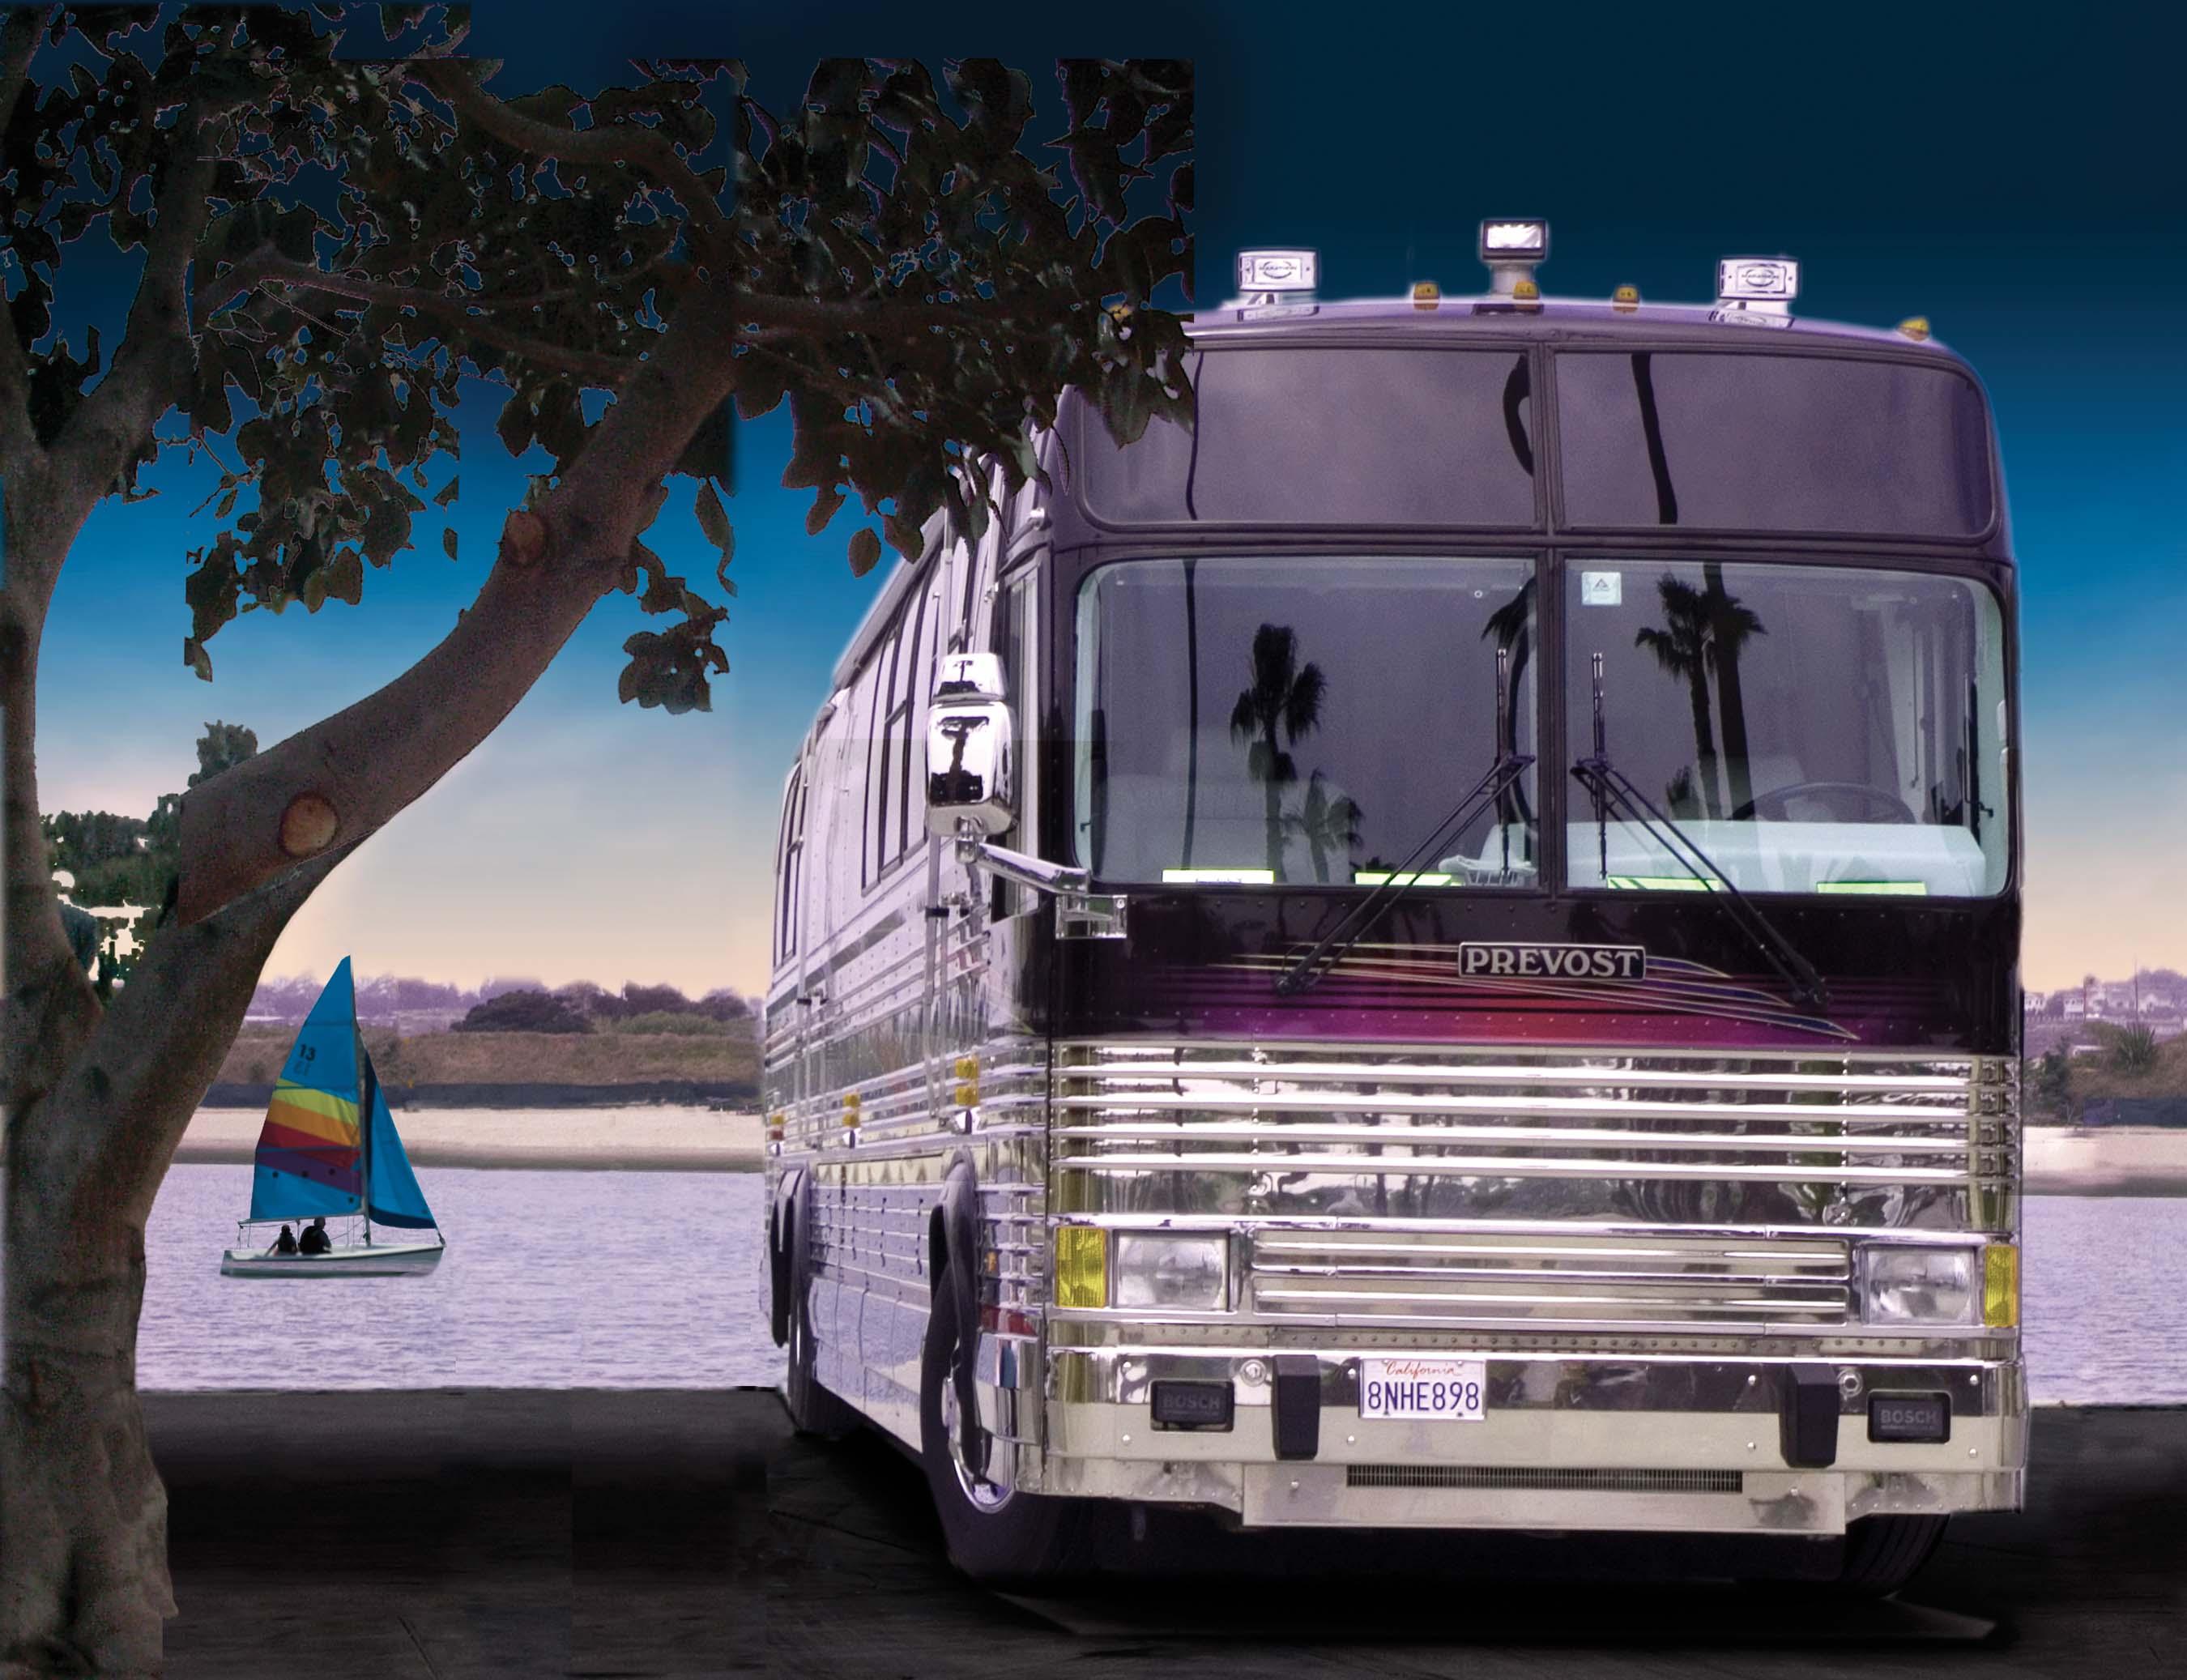 Newport Dunes Waterfront Resort RV site